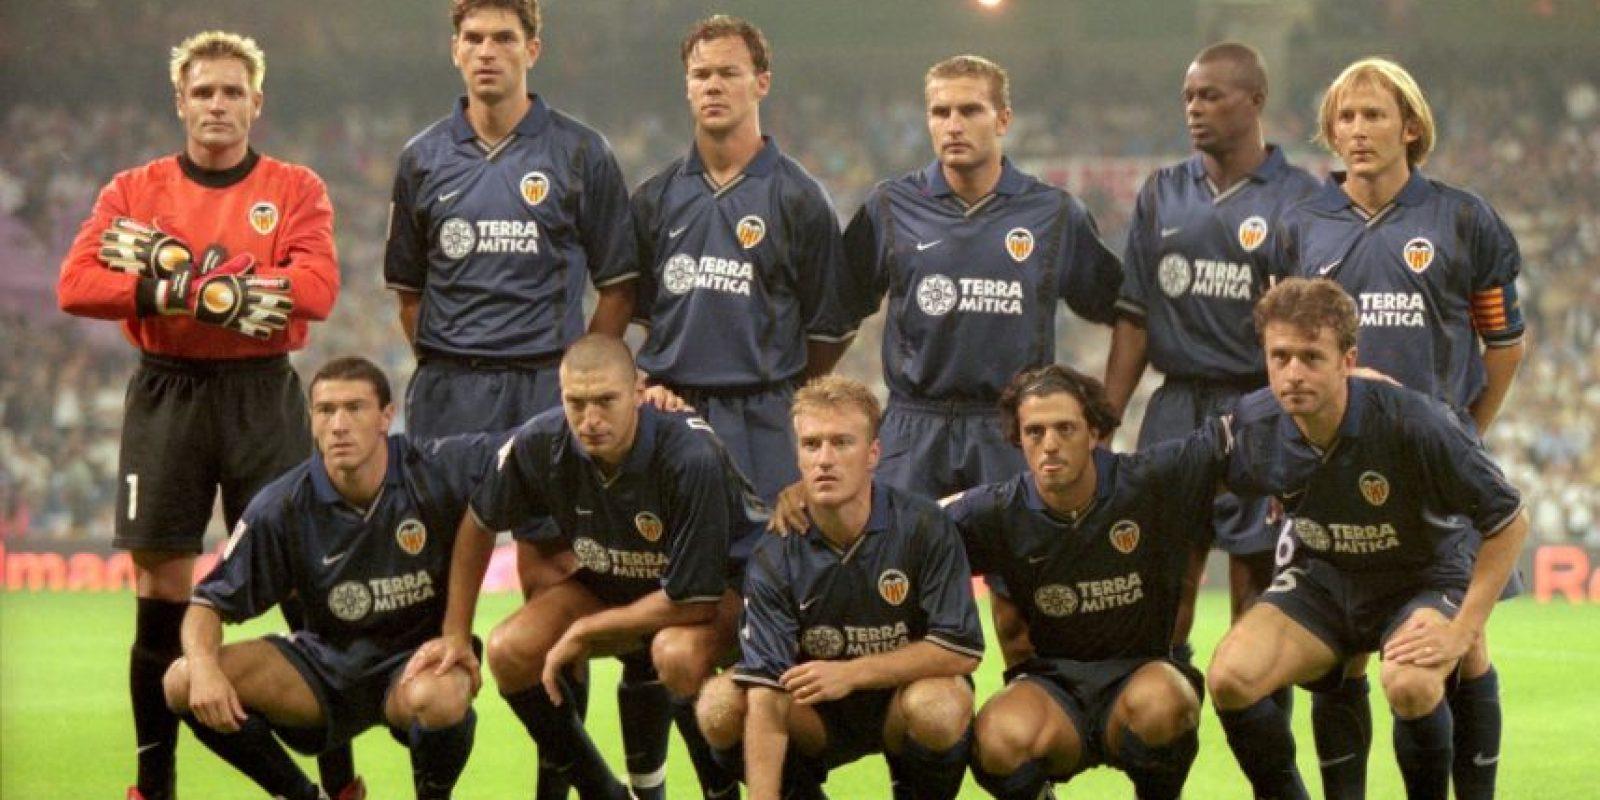 Nunca han ganado la Champions League, pero tienen dos subcampeonatos: 2000 y 2001. Foto:Getty Images